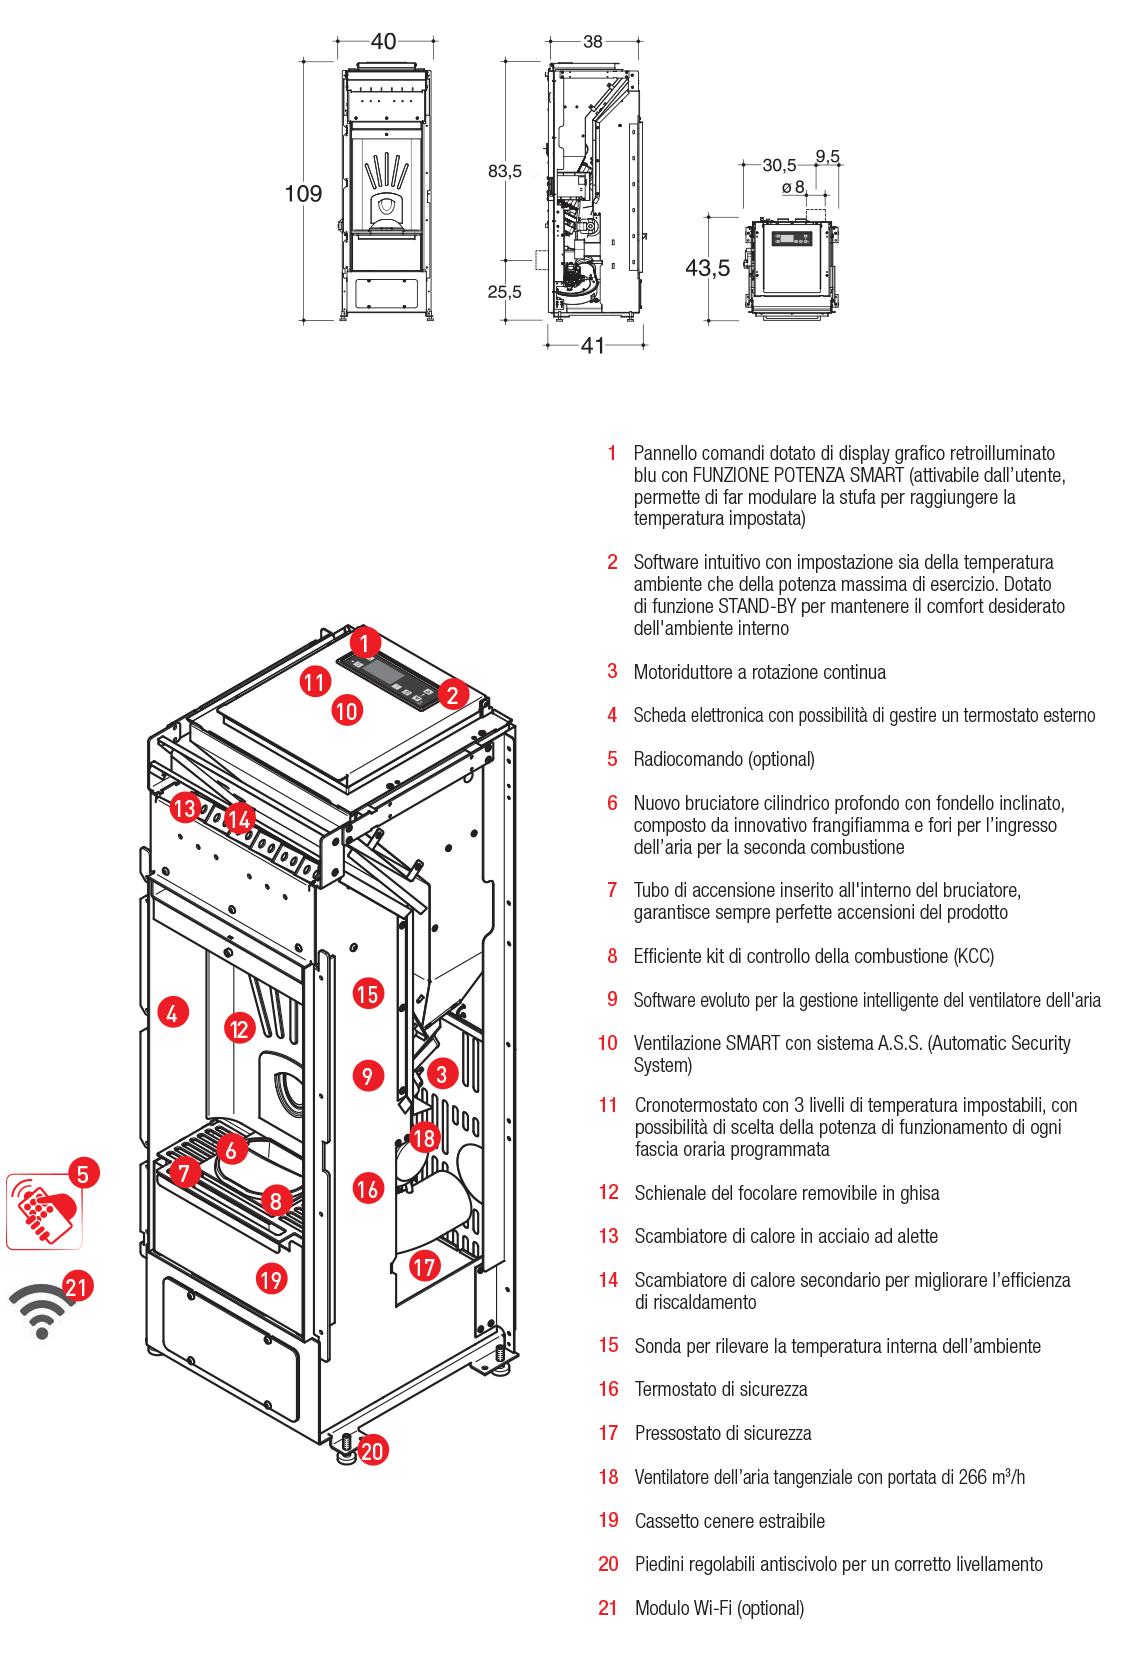 Stufa a pellet ad aria calda ventilata con sistema A.S.S.